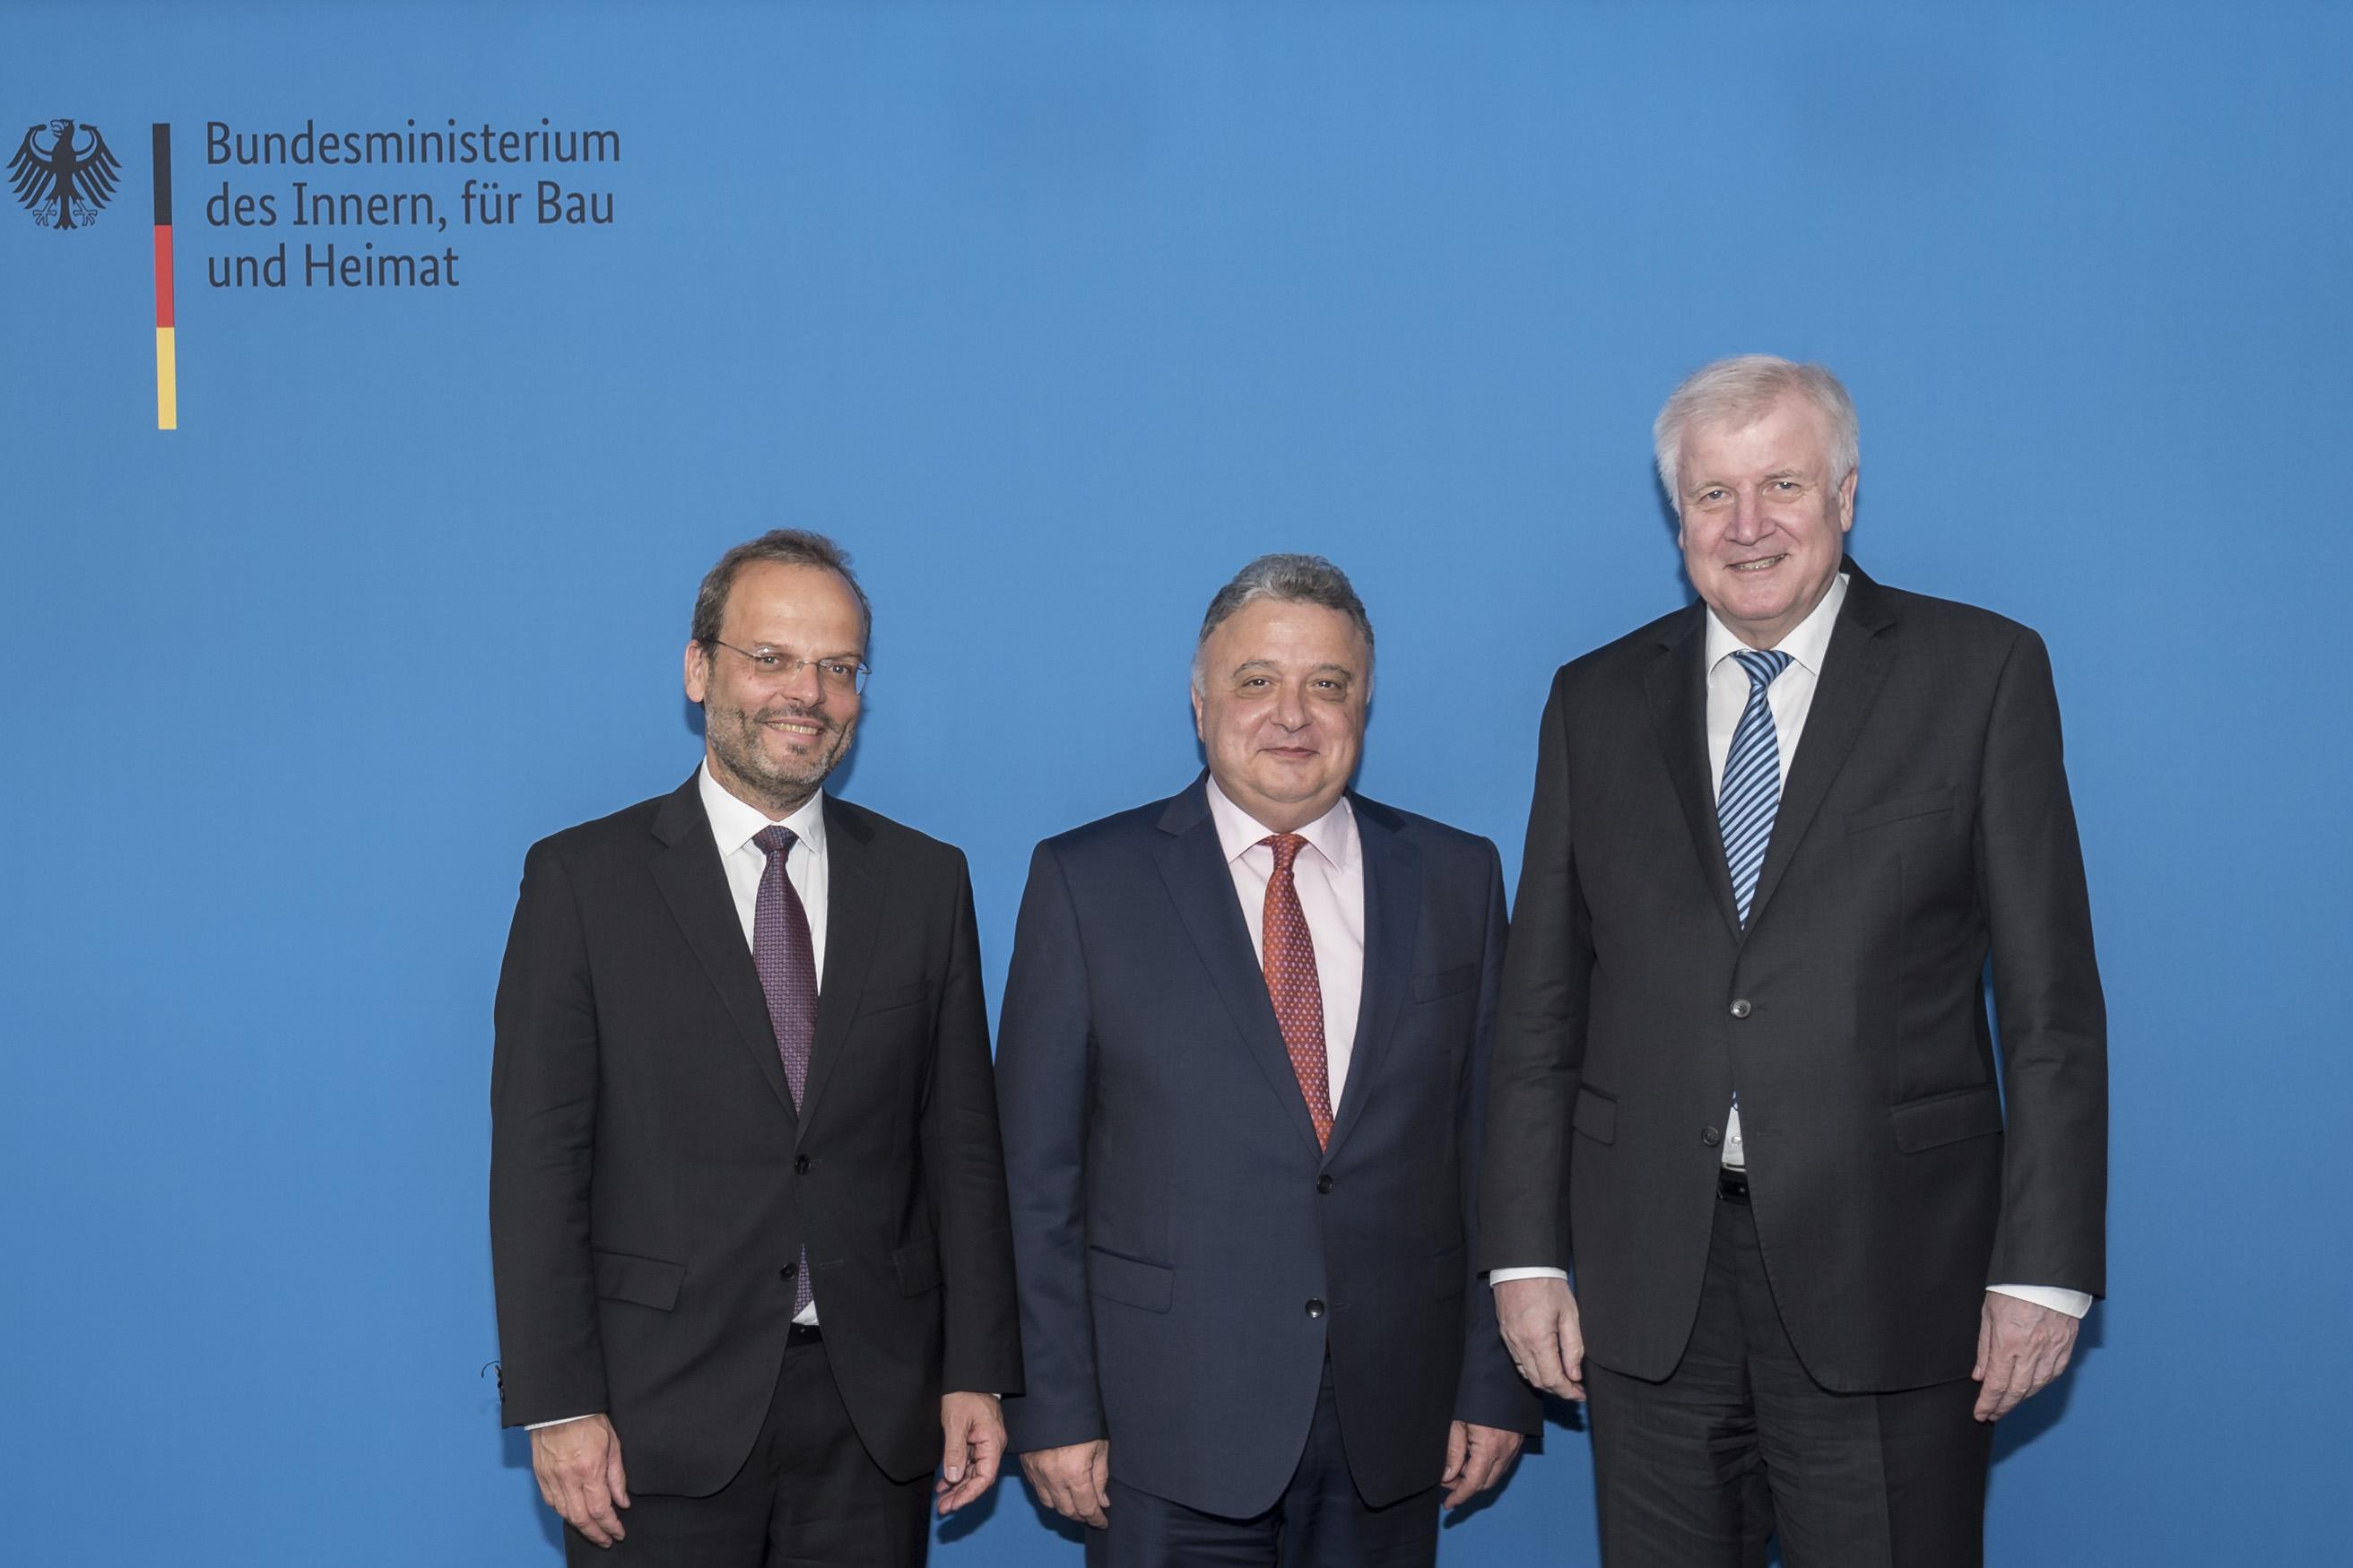 BMI - Bundesministerium des Innern, für Bau und Heimat ...